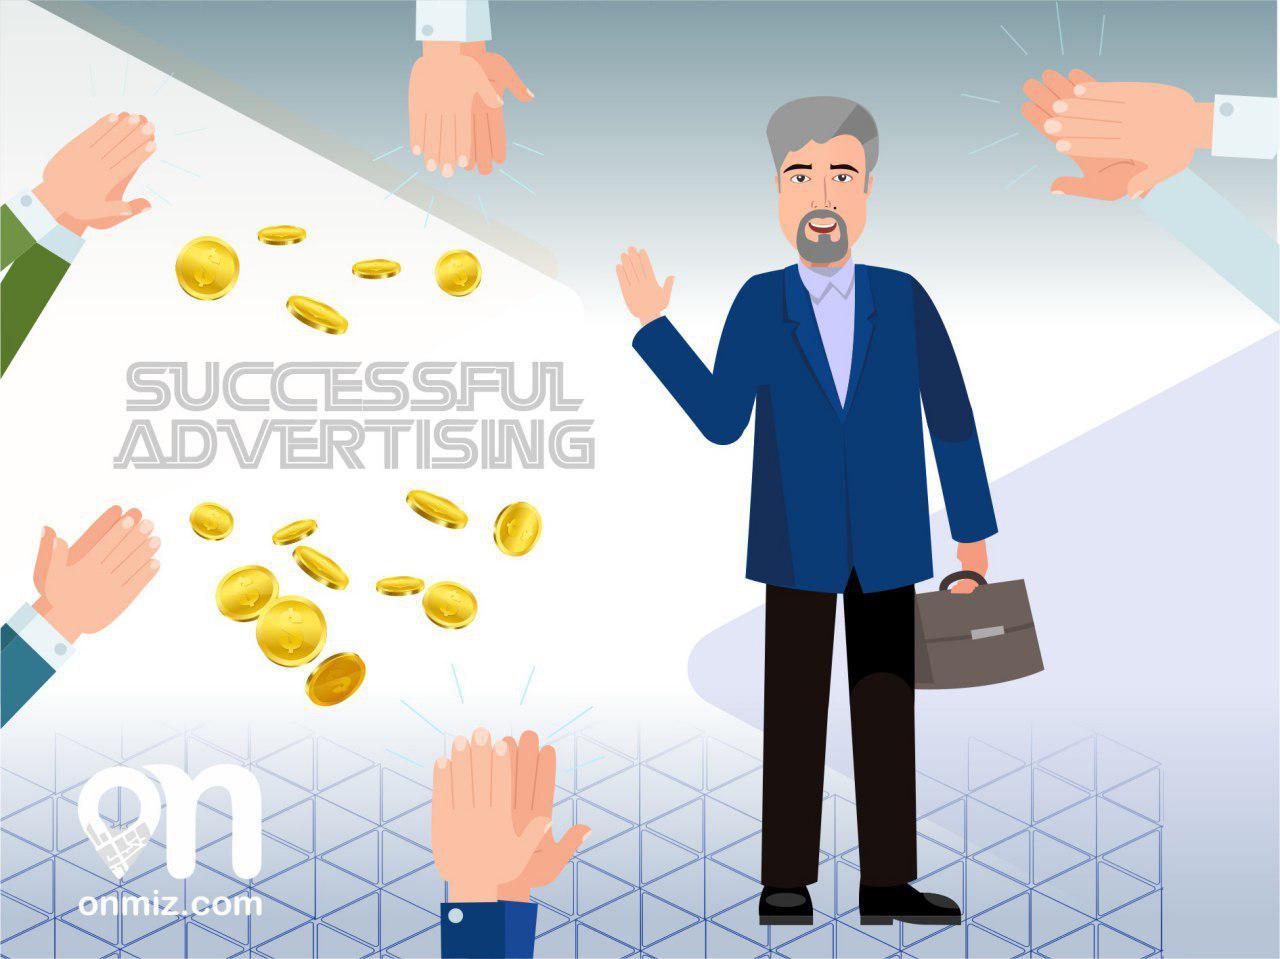 طراحی-تبلیغات-موفق